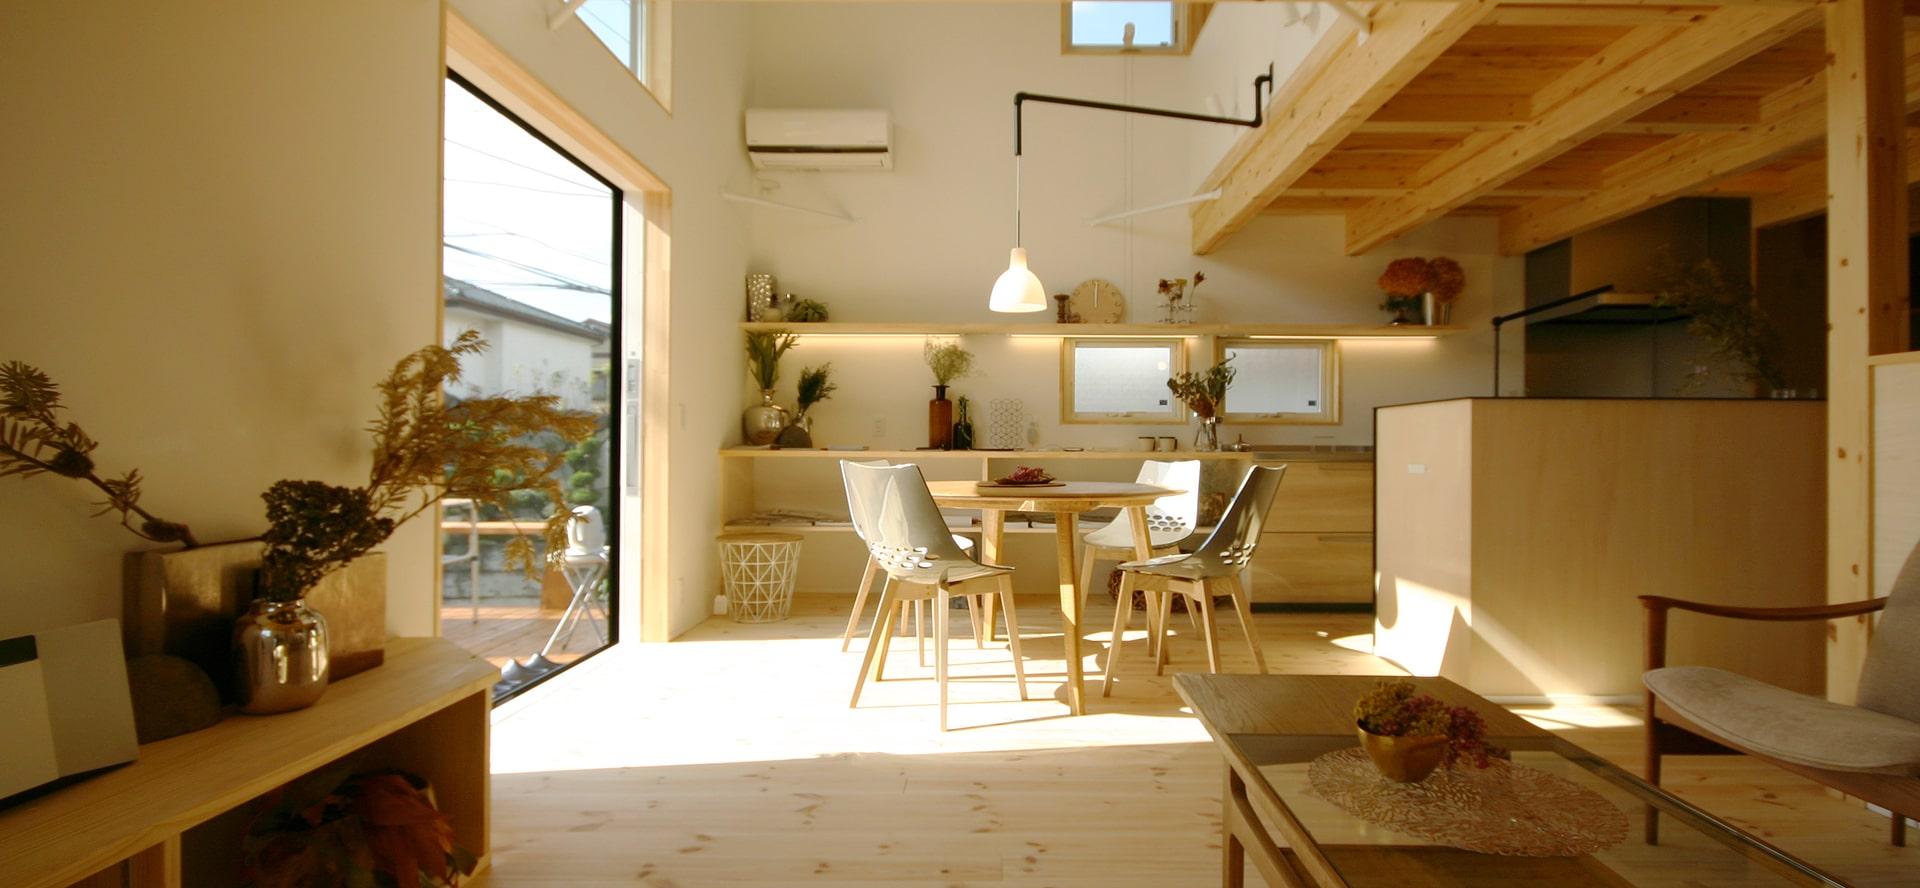 栃木県宇都宮市で注文住宅を建てるならハウスメーカーのネクストハウスデザイン